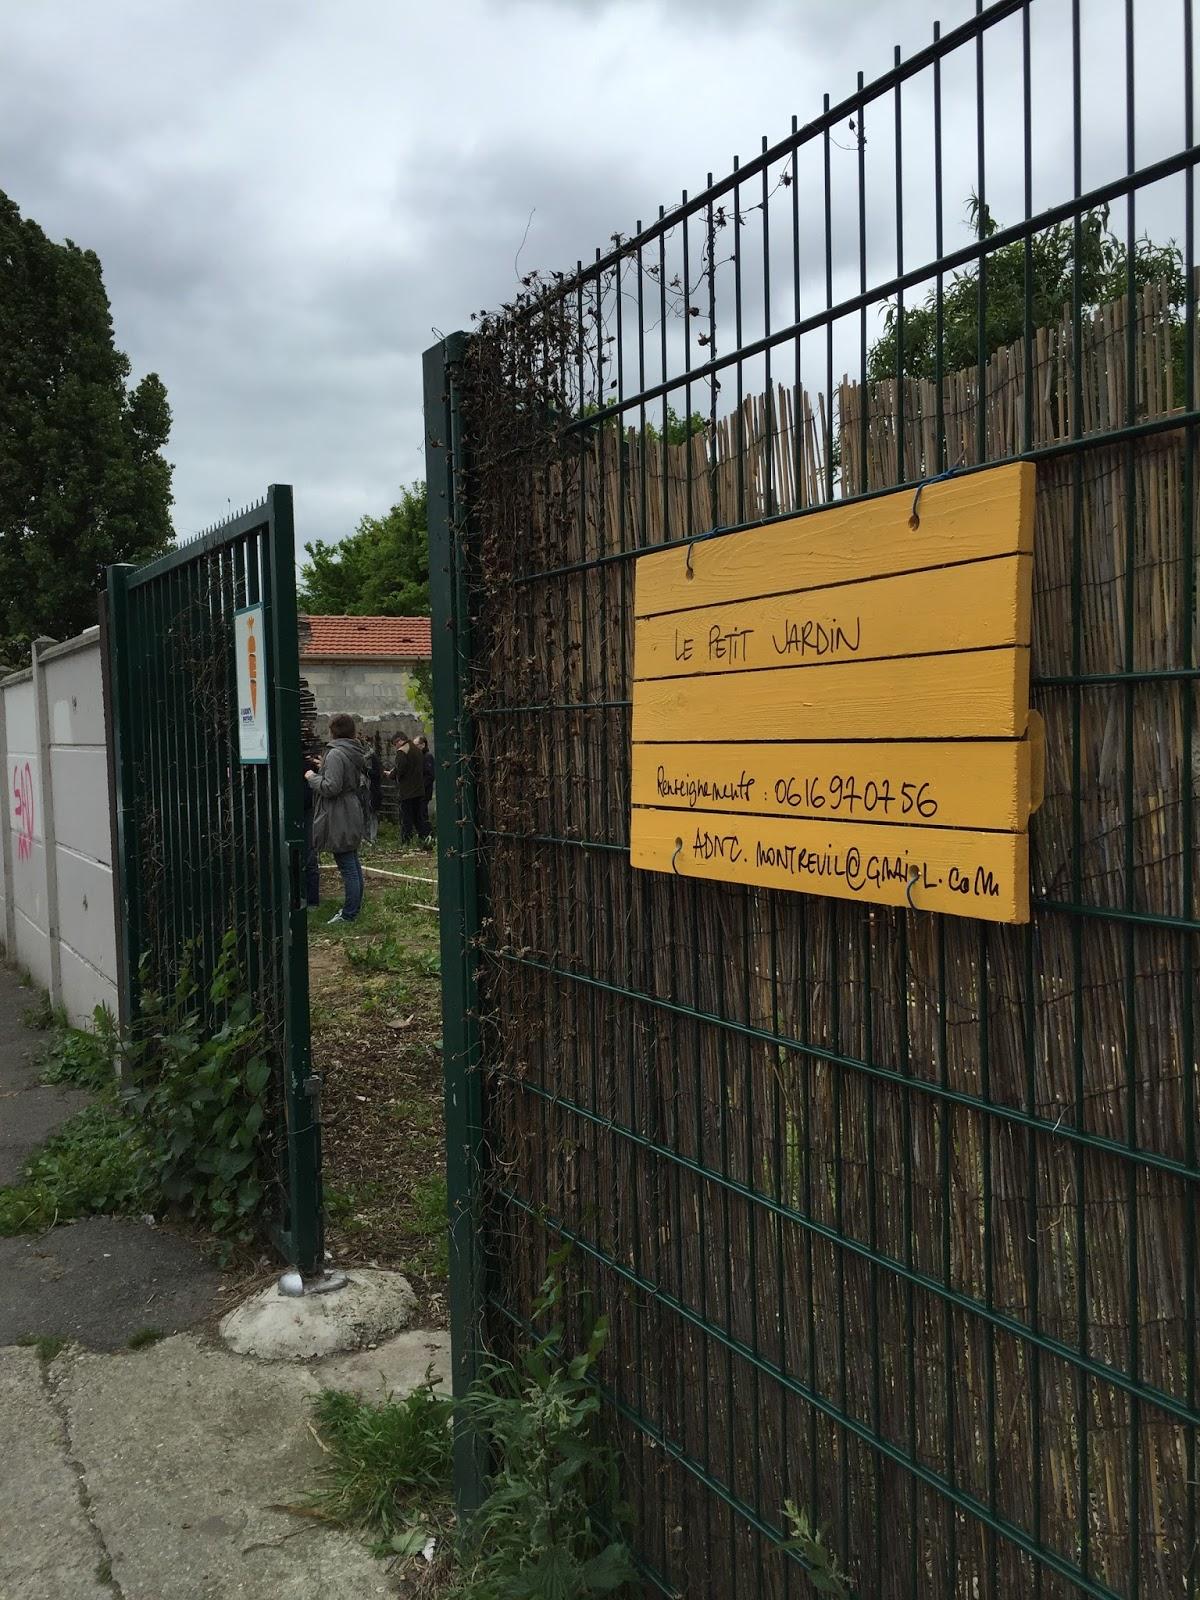 Le petit jardin op ration panneaux de sensibilisation 8 mai 2017 - Petit jardin de luxe montreuil ...